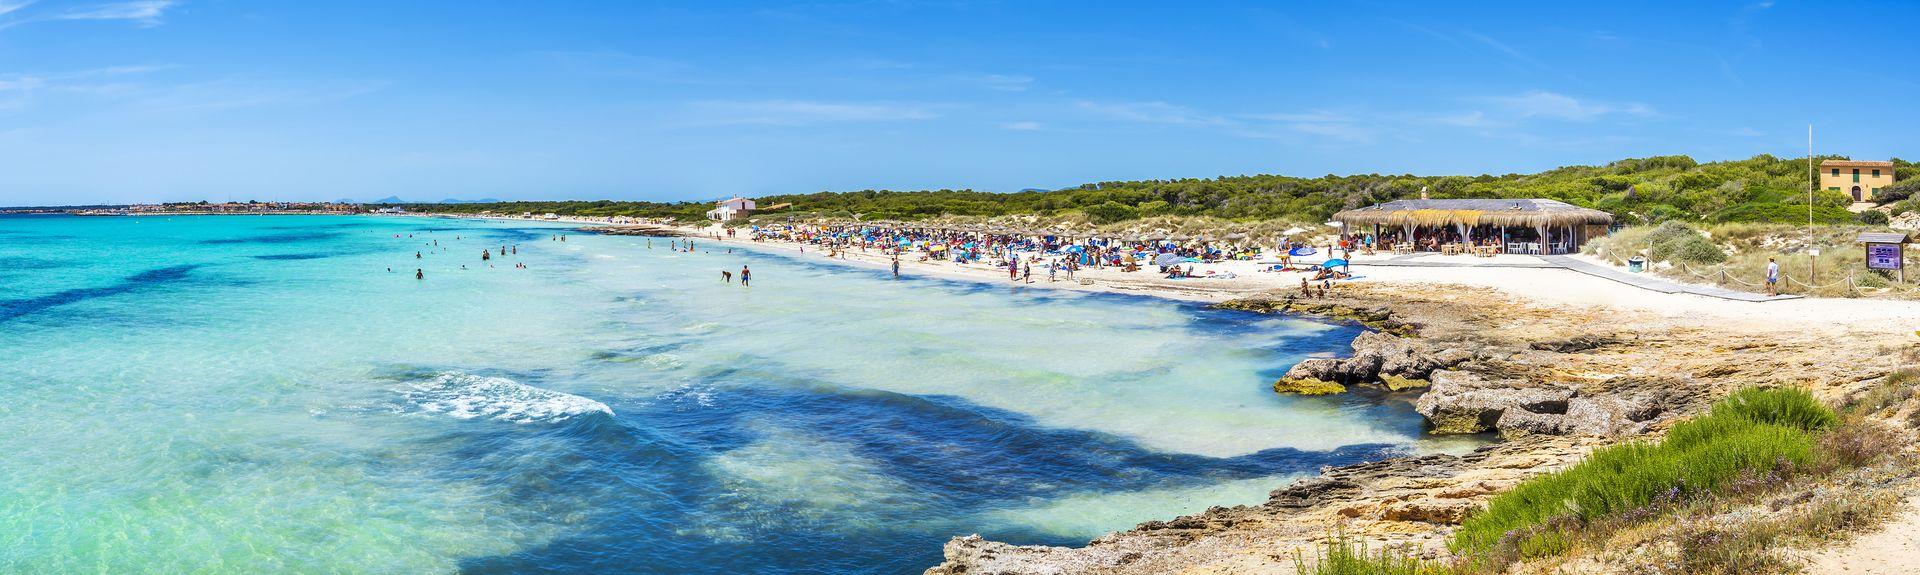 Campos, Balearische Inseln, Spanien